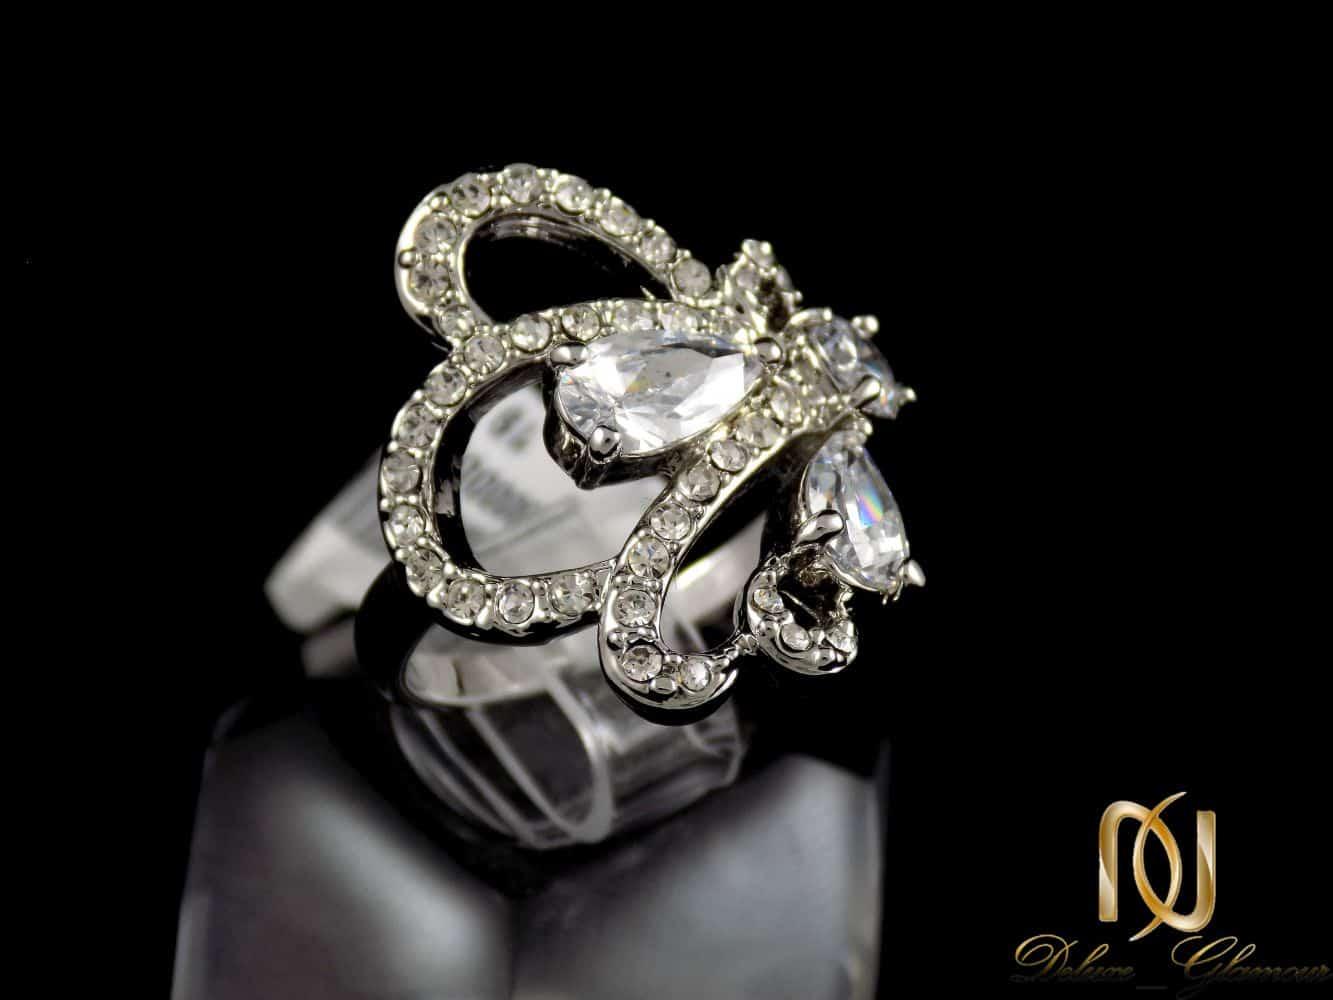 انگشتر زنانه استیل طرخ جواهر TOKE با نگین های زیرکونیا RG-N176 از نمای پایین